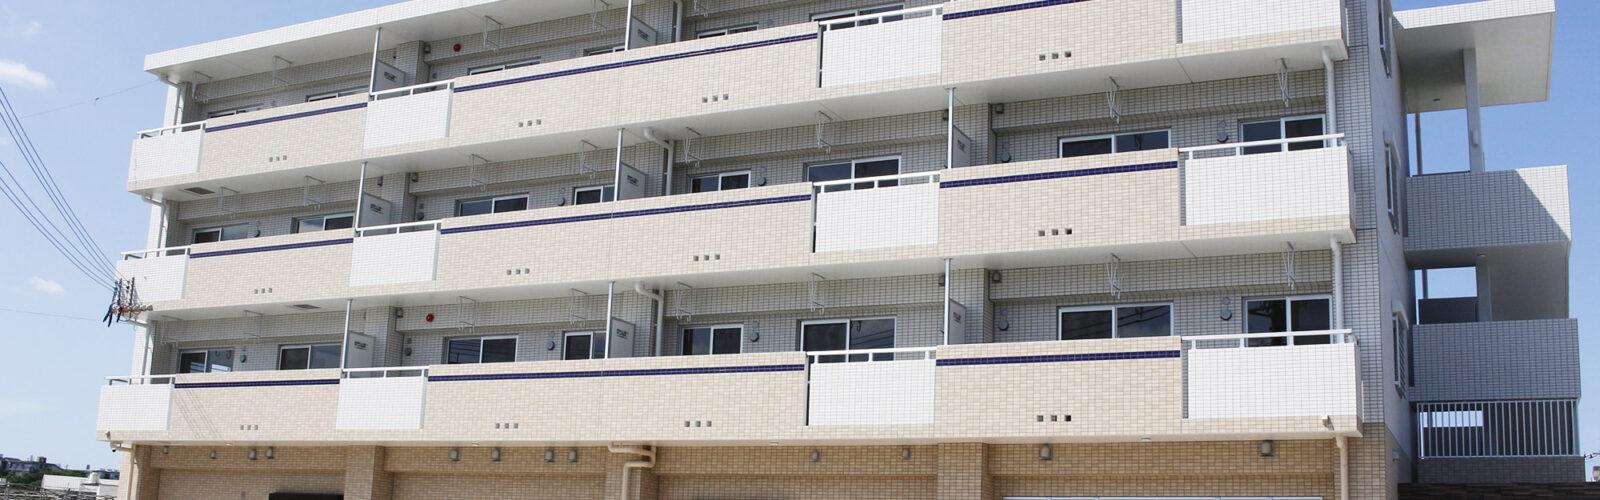 ブルータイルのアクセントがすっきりシャープな外観。子ども達の安全性を考慮した学童施設兼賃貸マンション